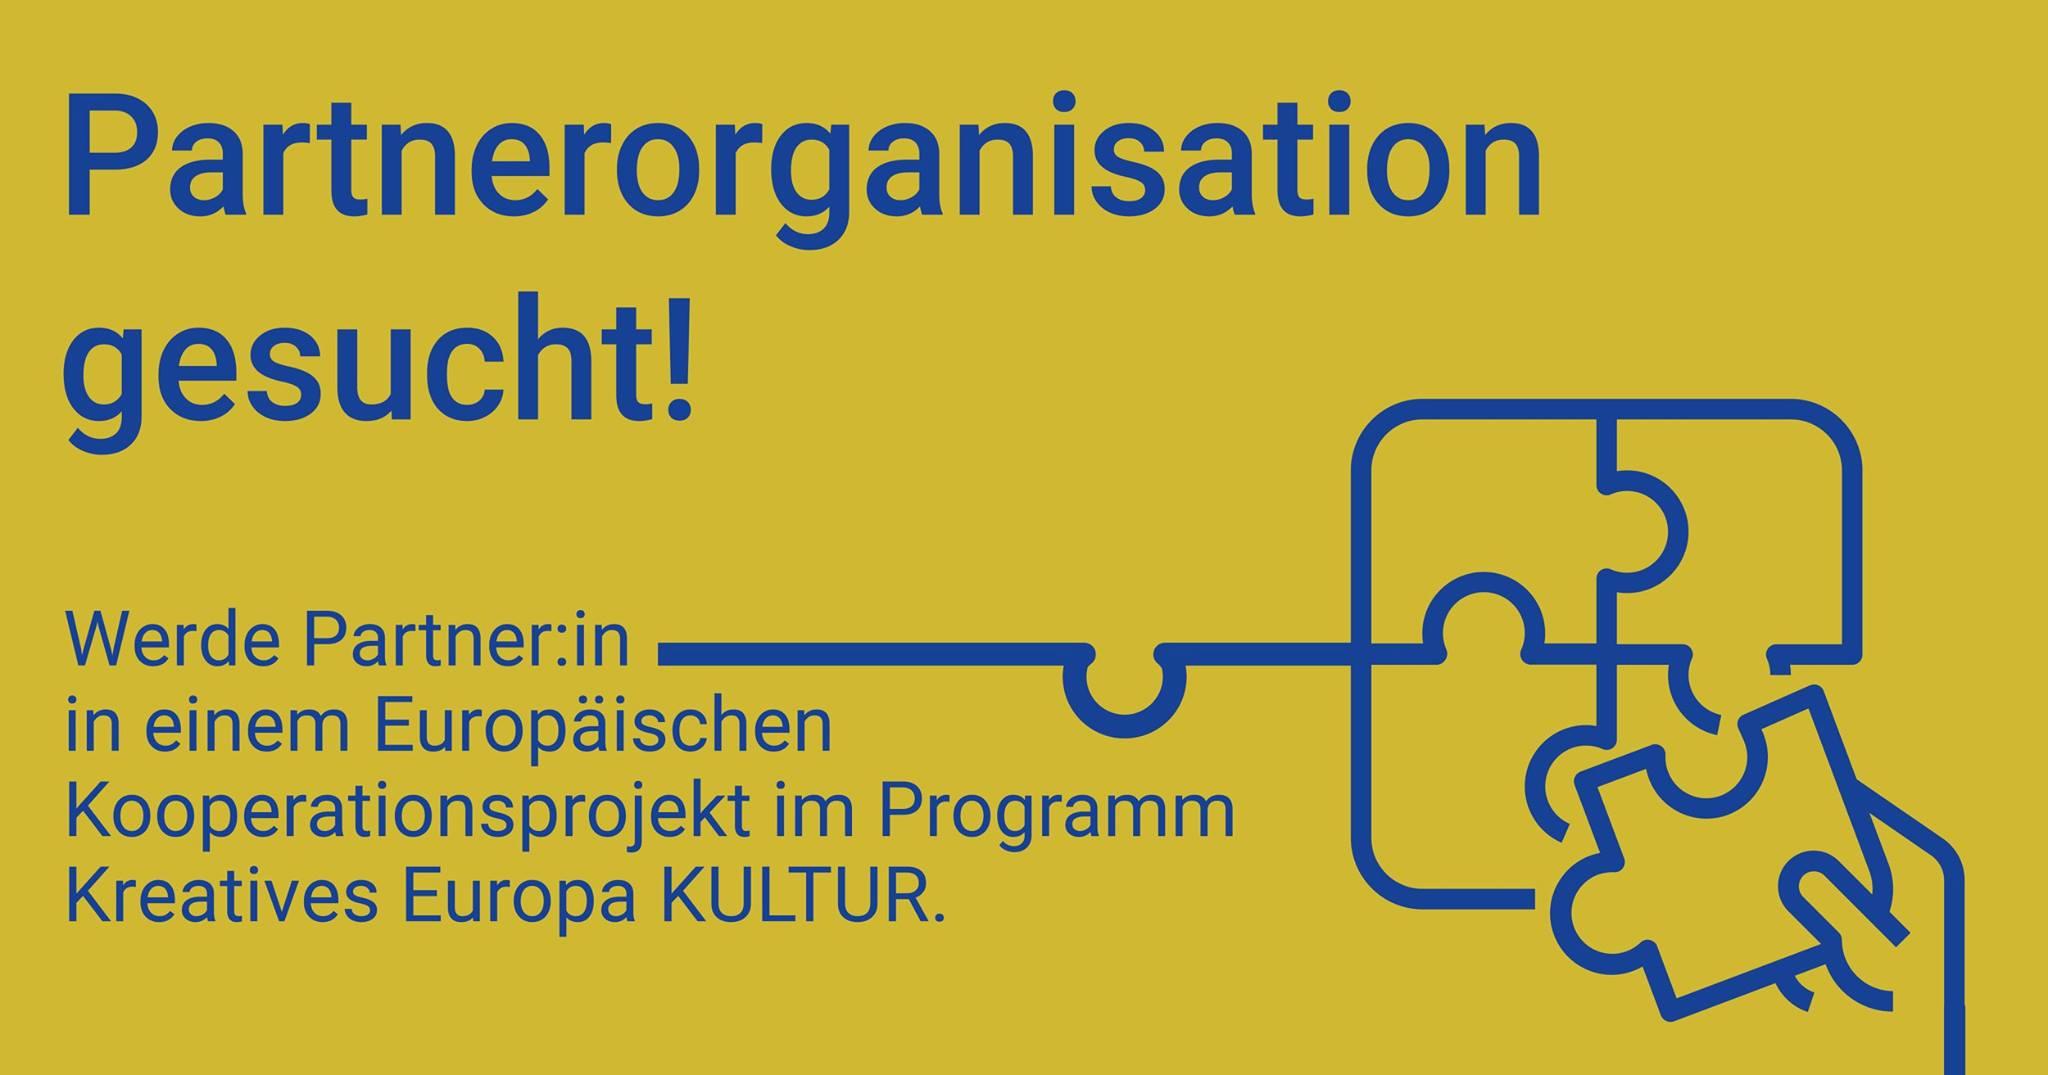 Partnerorganisation finden - Datenbanken für die Projektpartnersuche